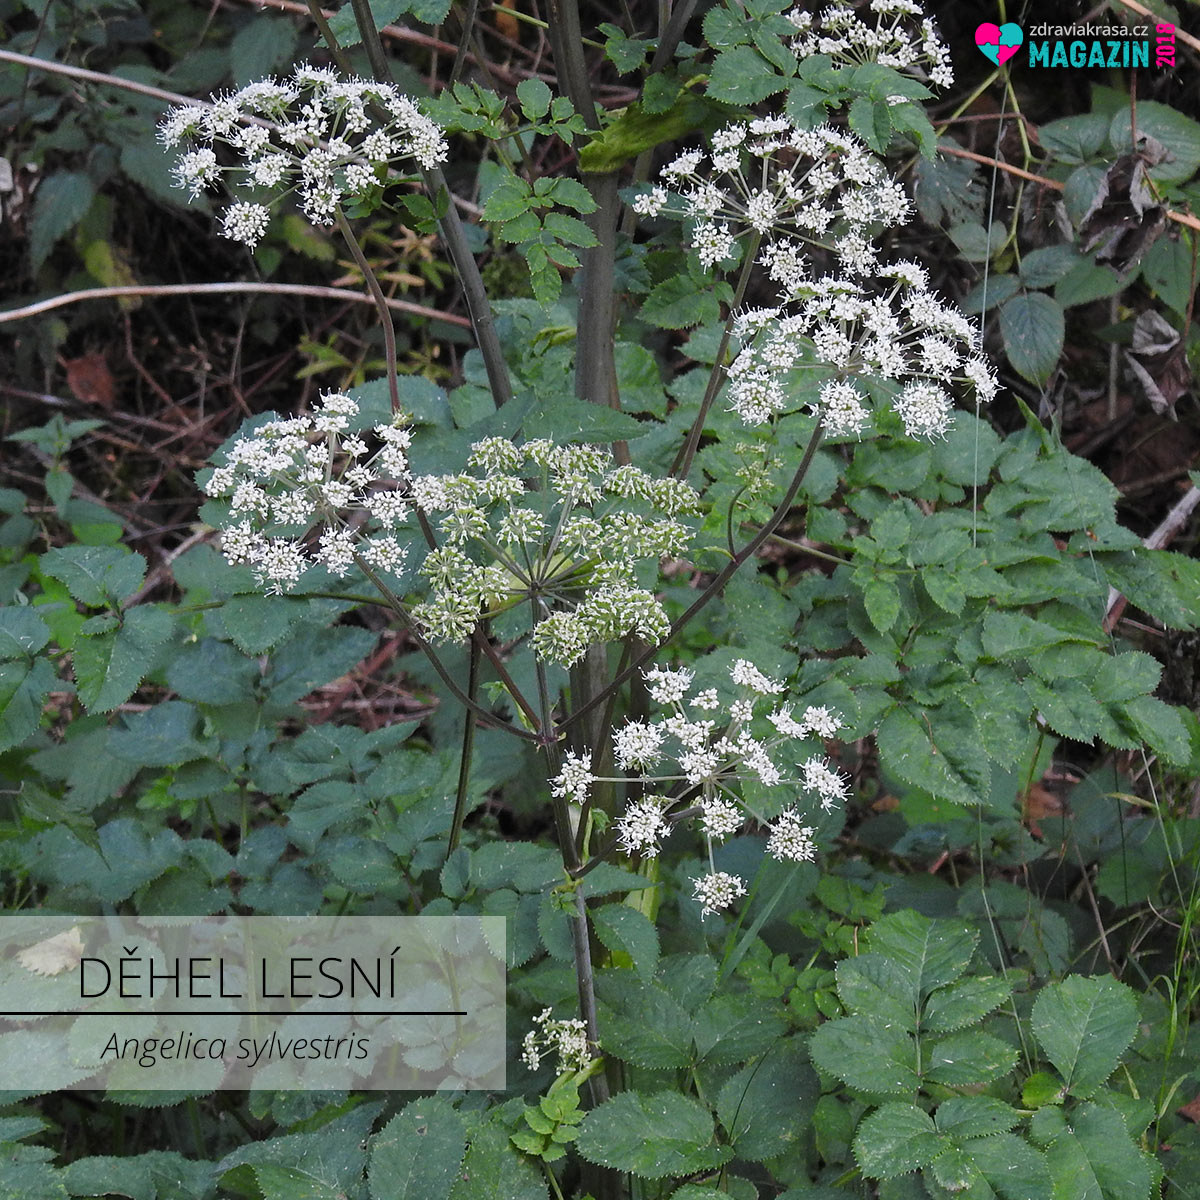 Nespleťte si bršlici s děhelem lesním. Na obrázku je děhel lesní (latinsky Angelica sylvestris).